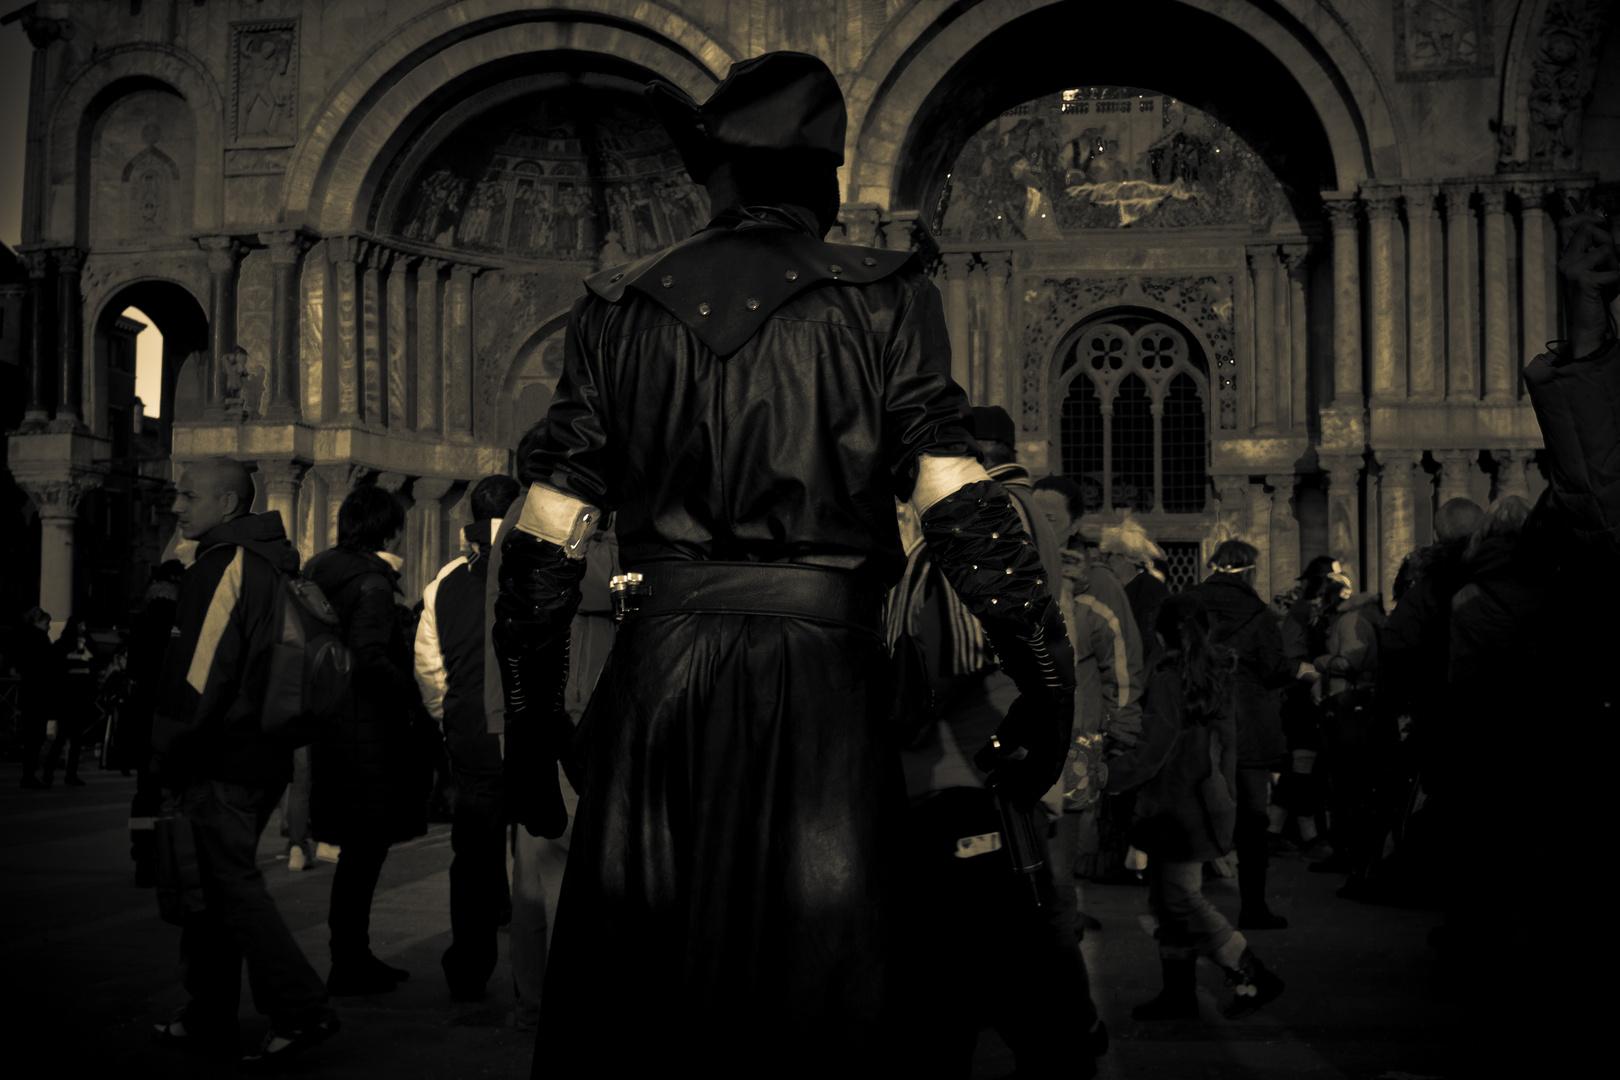 Plague doctor @ Carnevale di Venezia 10